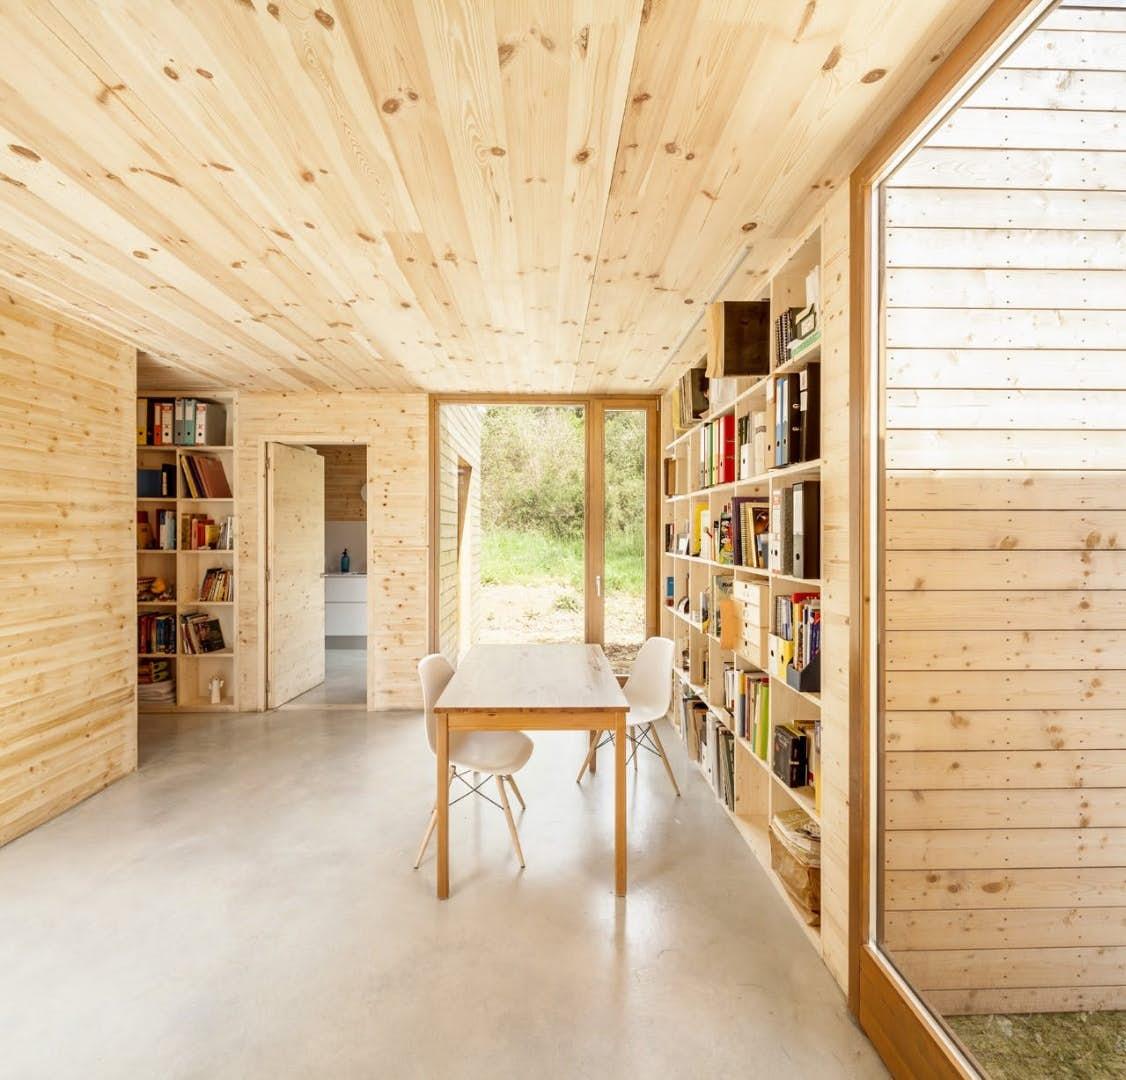 ¿Cómo puedes ahorrar energía en tu hogar? - El concepto de Passivhaus